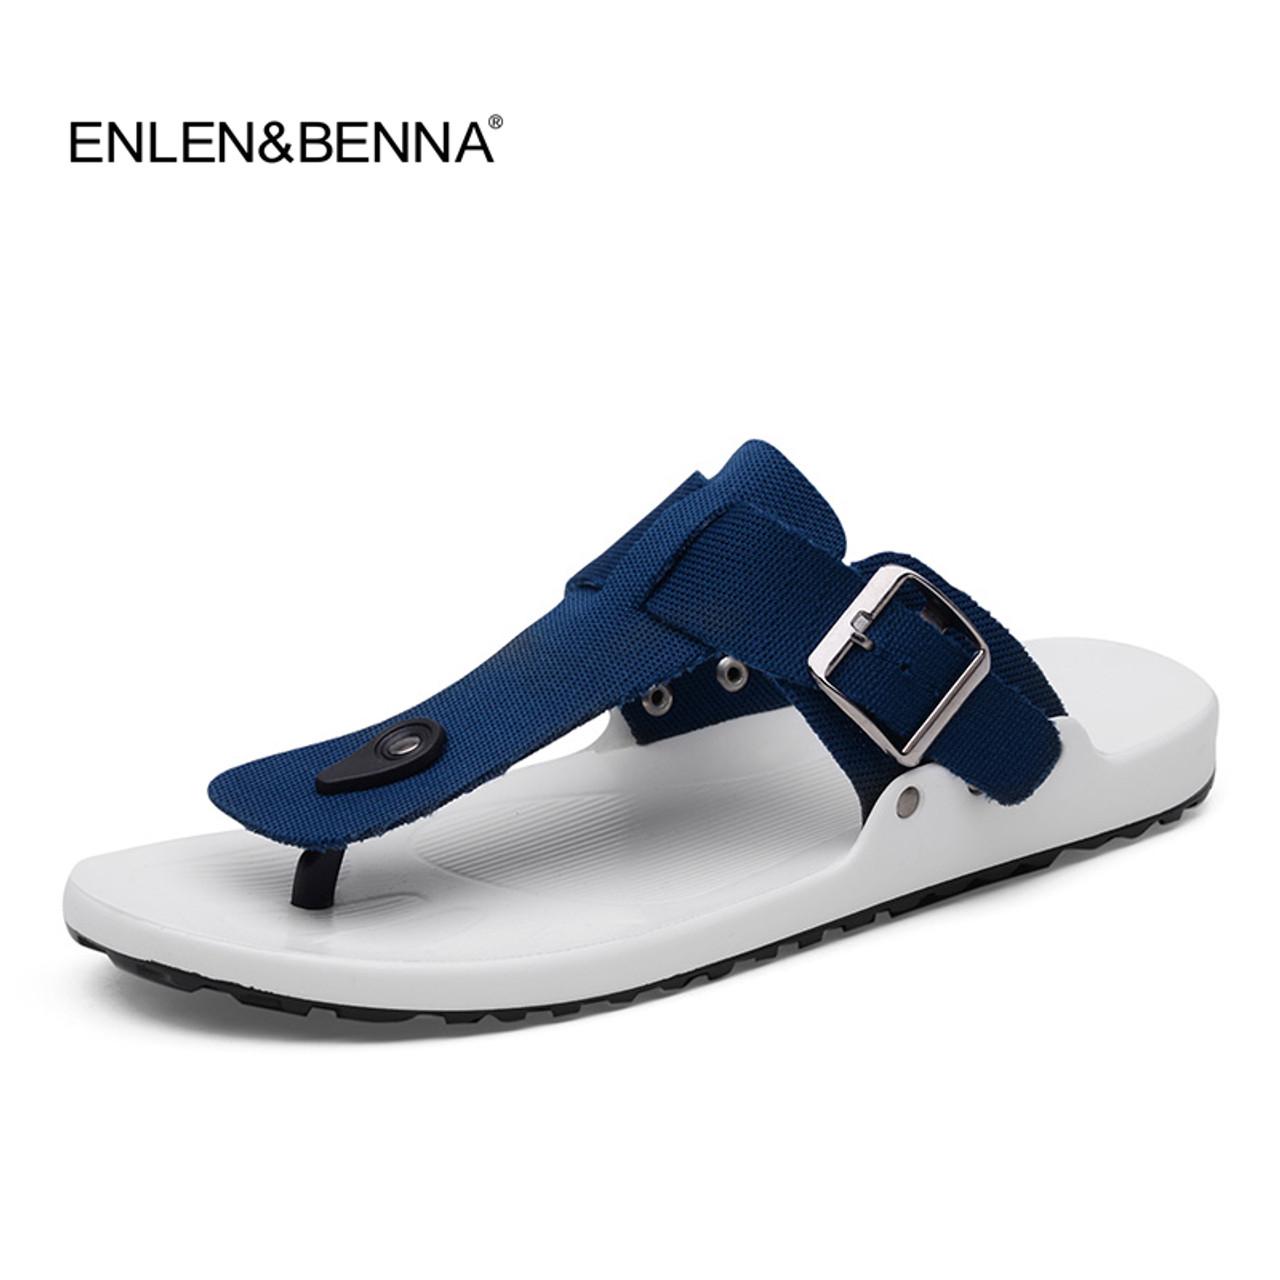 Black White Printed Non-slip Slipper Slides Flip Flop Sandals Summer Casual for Mens